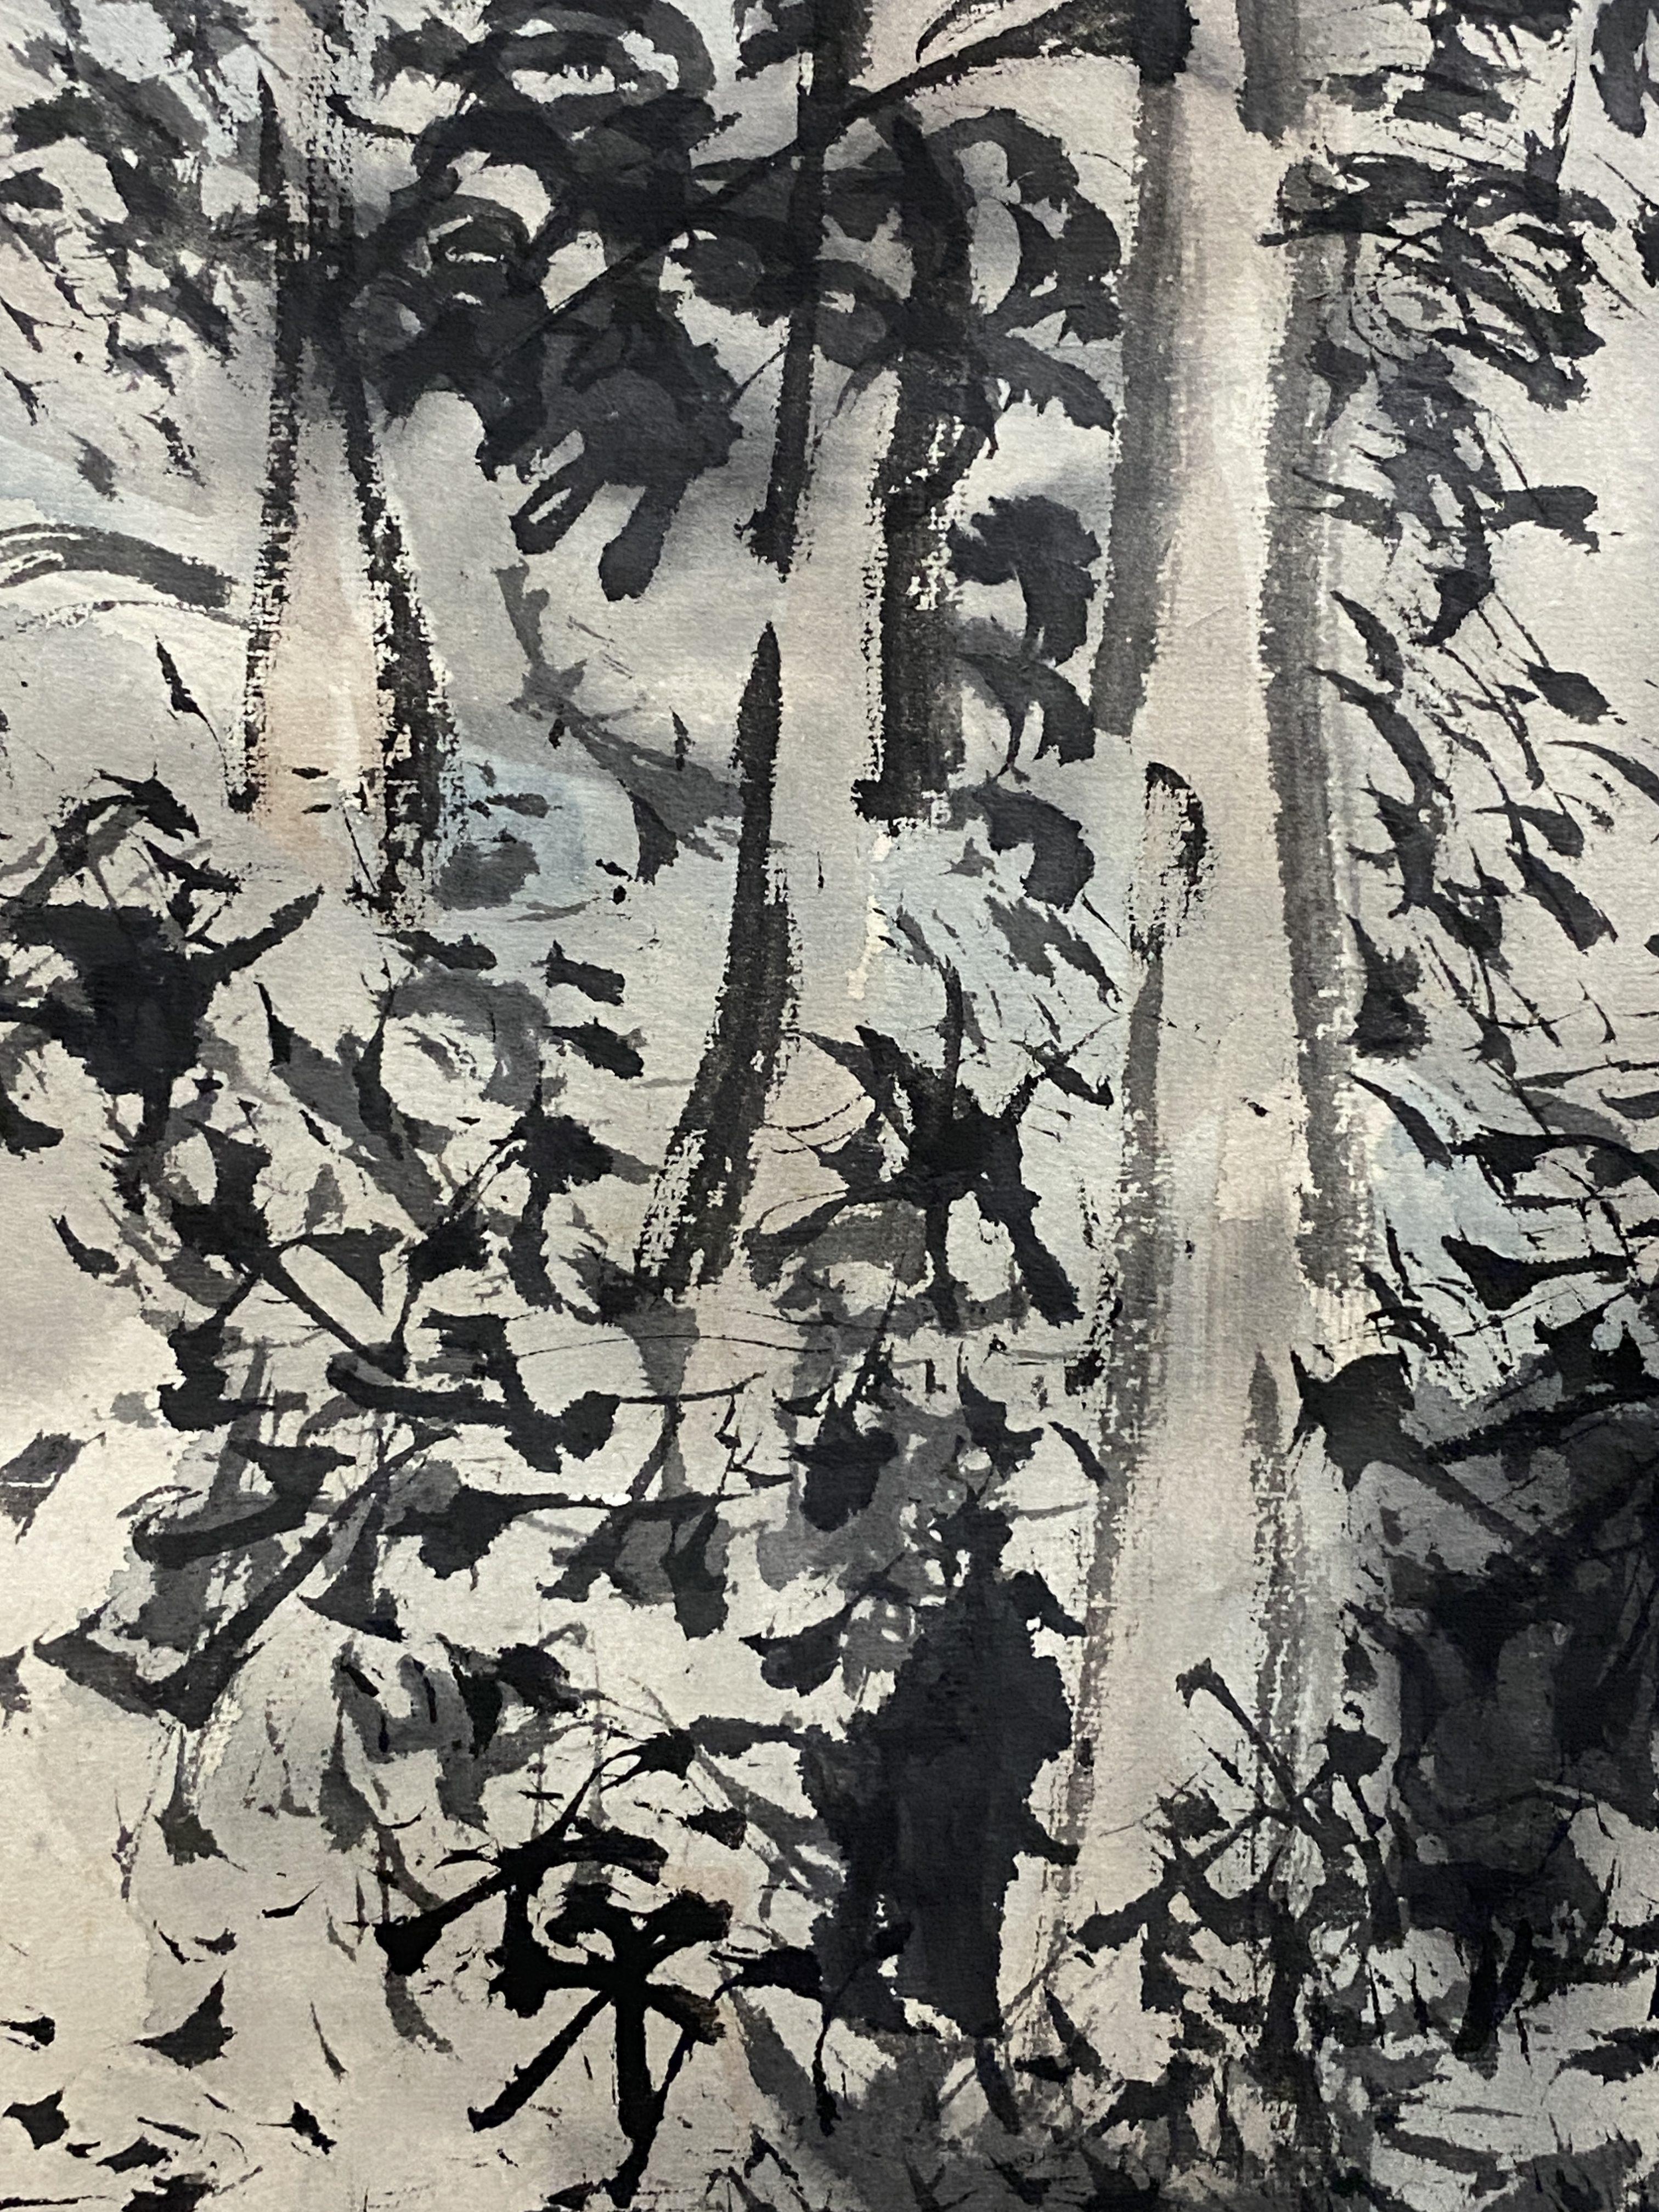 高久靄厓 瀑下漁樵図